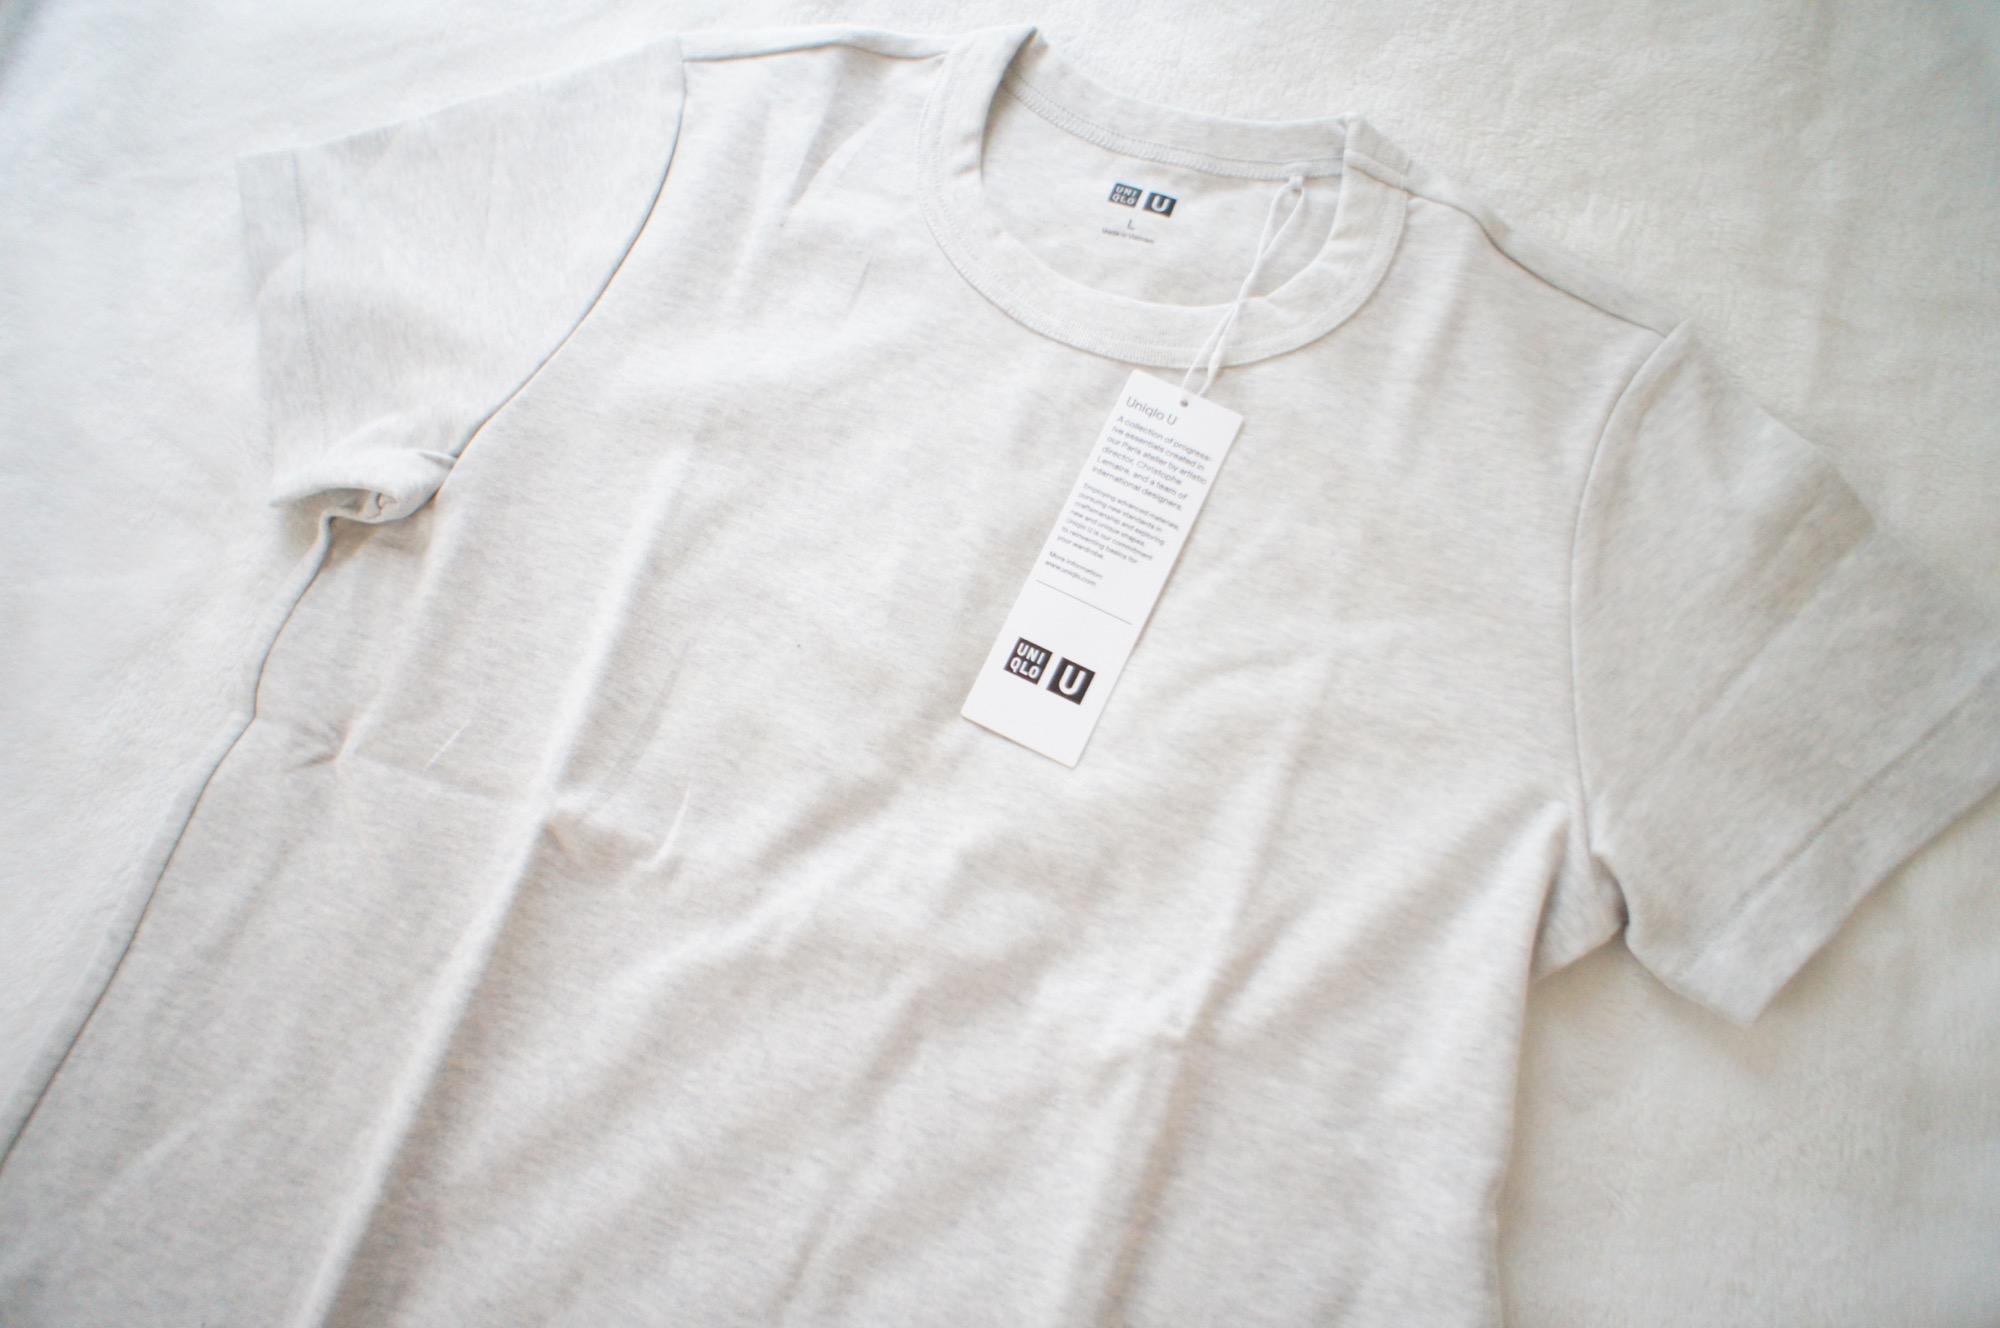 ユニクロのTシャツ特集 - UTやユニクロ ユーなど、夏の定番無地Tシャツ、限定コラボTシャツまとめ_6